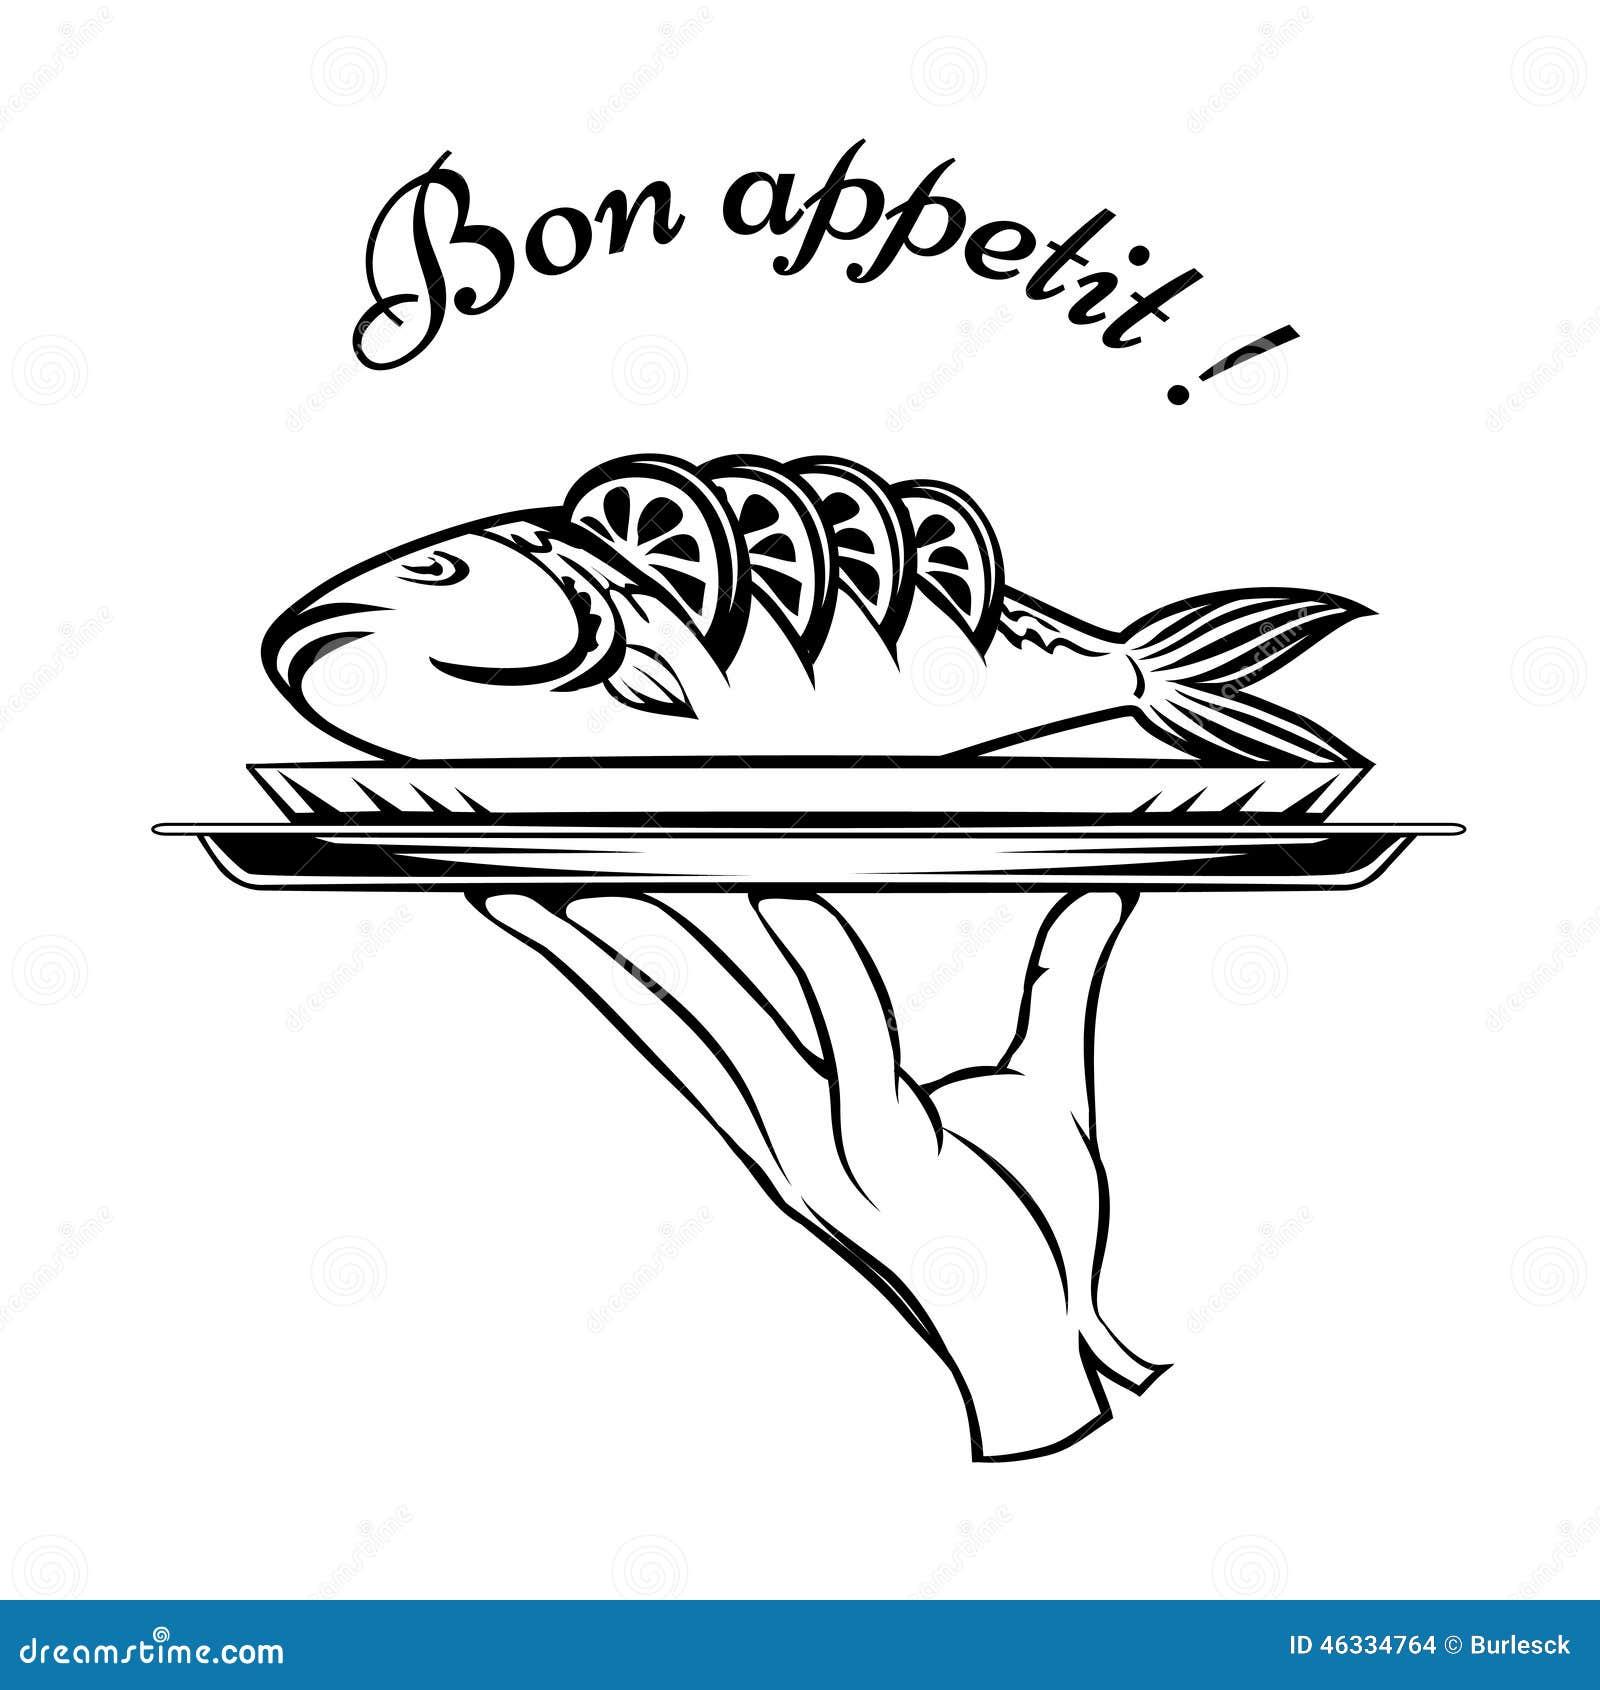 bon appetit fish design element stock vector image 46334764. Black Bedroom Furniture Sets. Home Design Ideas